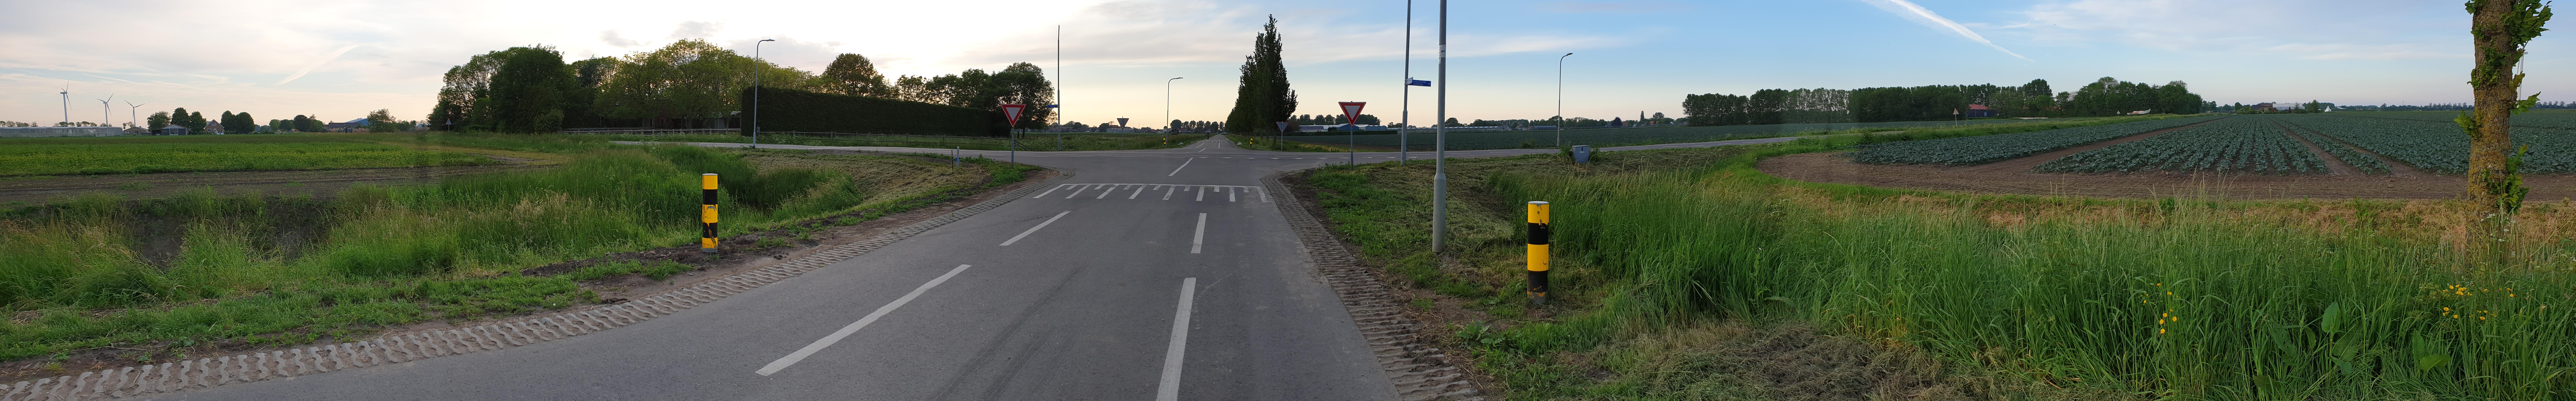 Burgemeester en Dorpsraad Andijk samen in gesprek met Hoogheemraad inzake verkeersveiligheid polderwegen - Het kruispunt Gerrit de Vriesweg - Ged. Laanweg Een goed overzichtelijk kruispunt